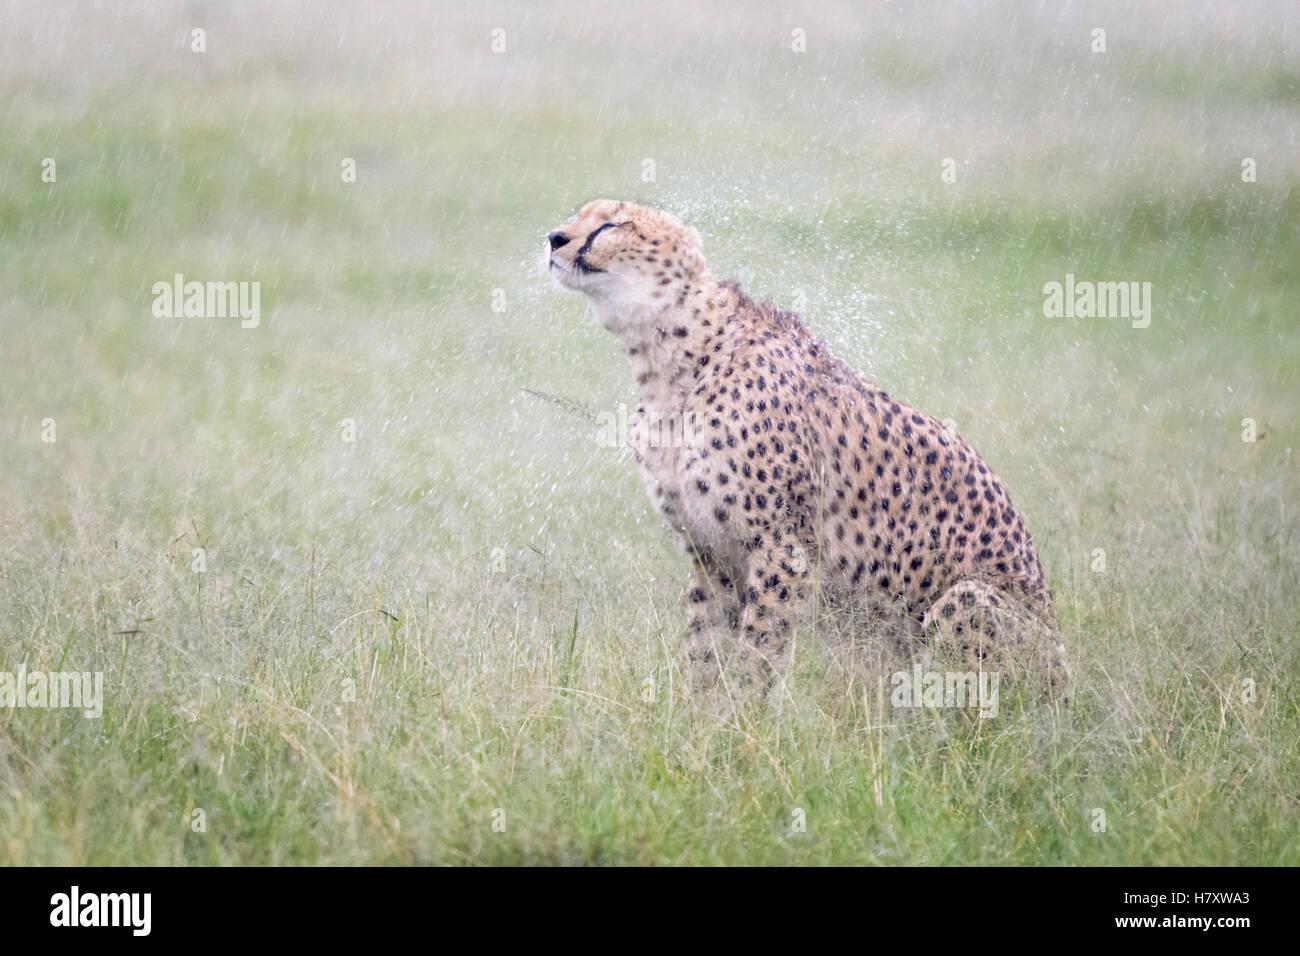 Ghepardo (Acinonix jubatus) seduti sulla savana durante le precipitazioni, scuotimento bagnata della pelliccia, Immagini Stock